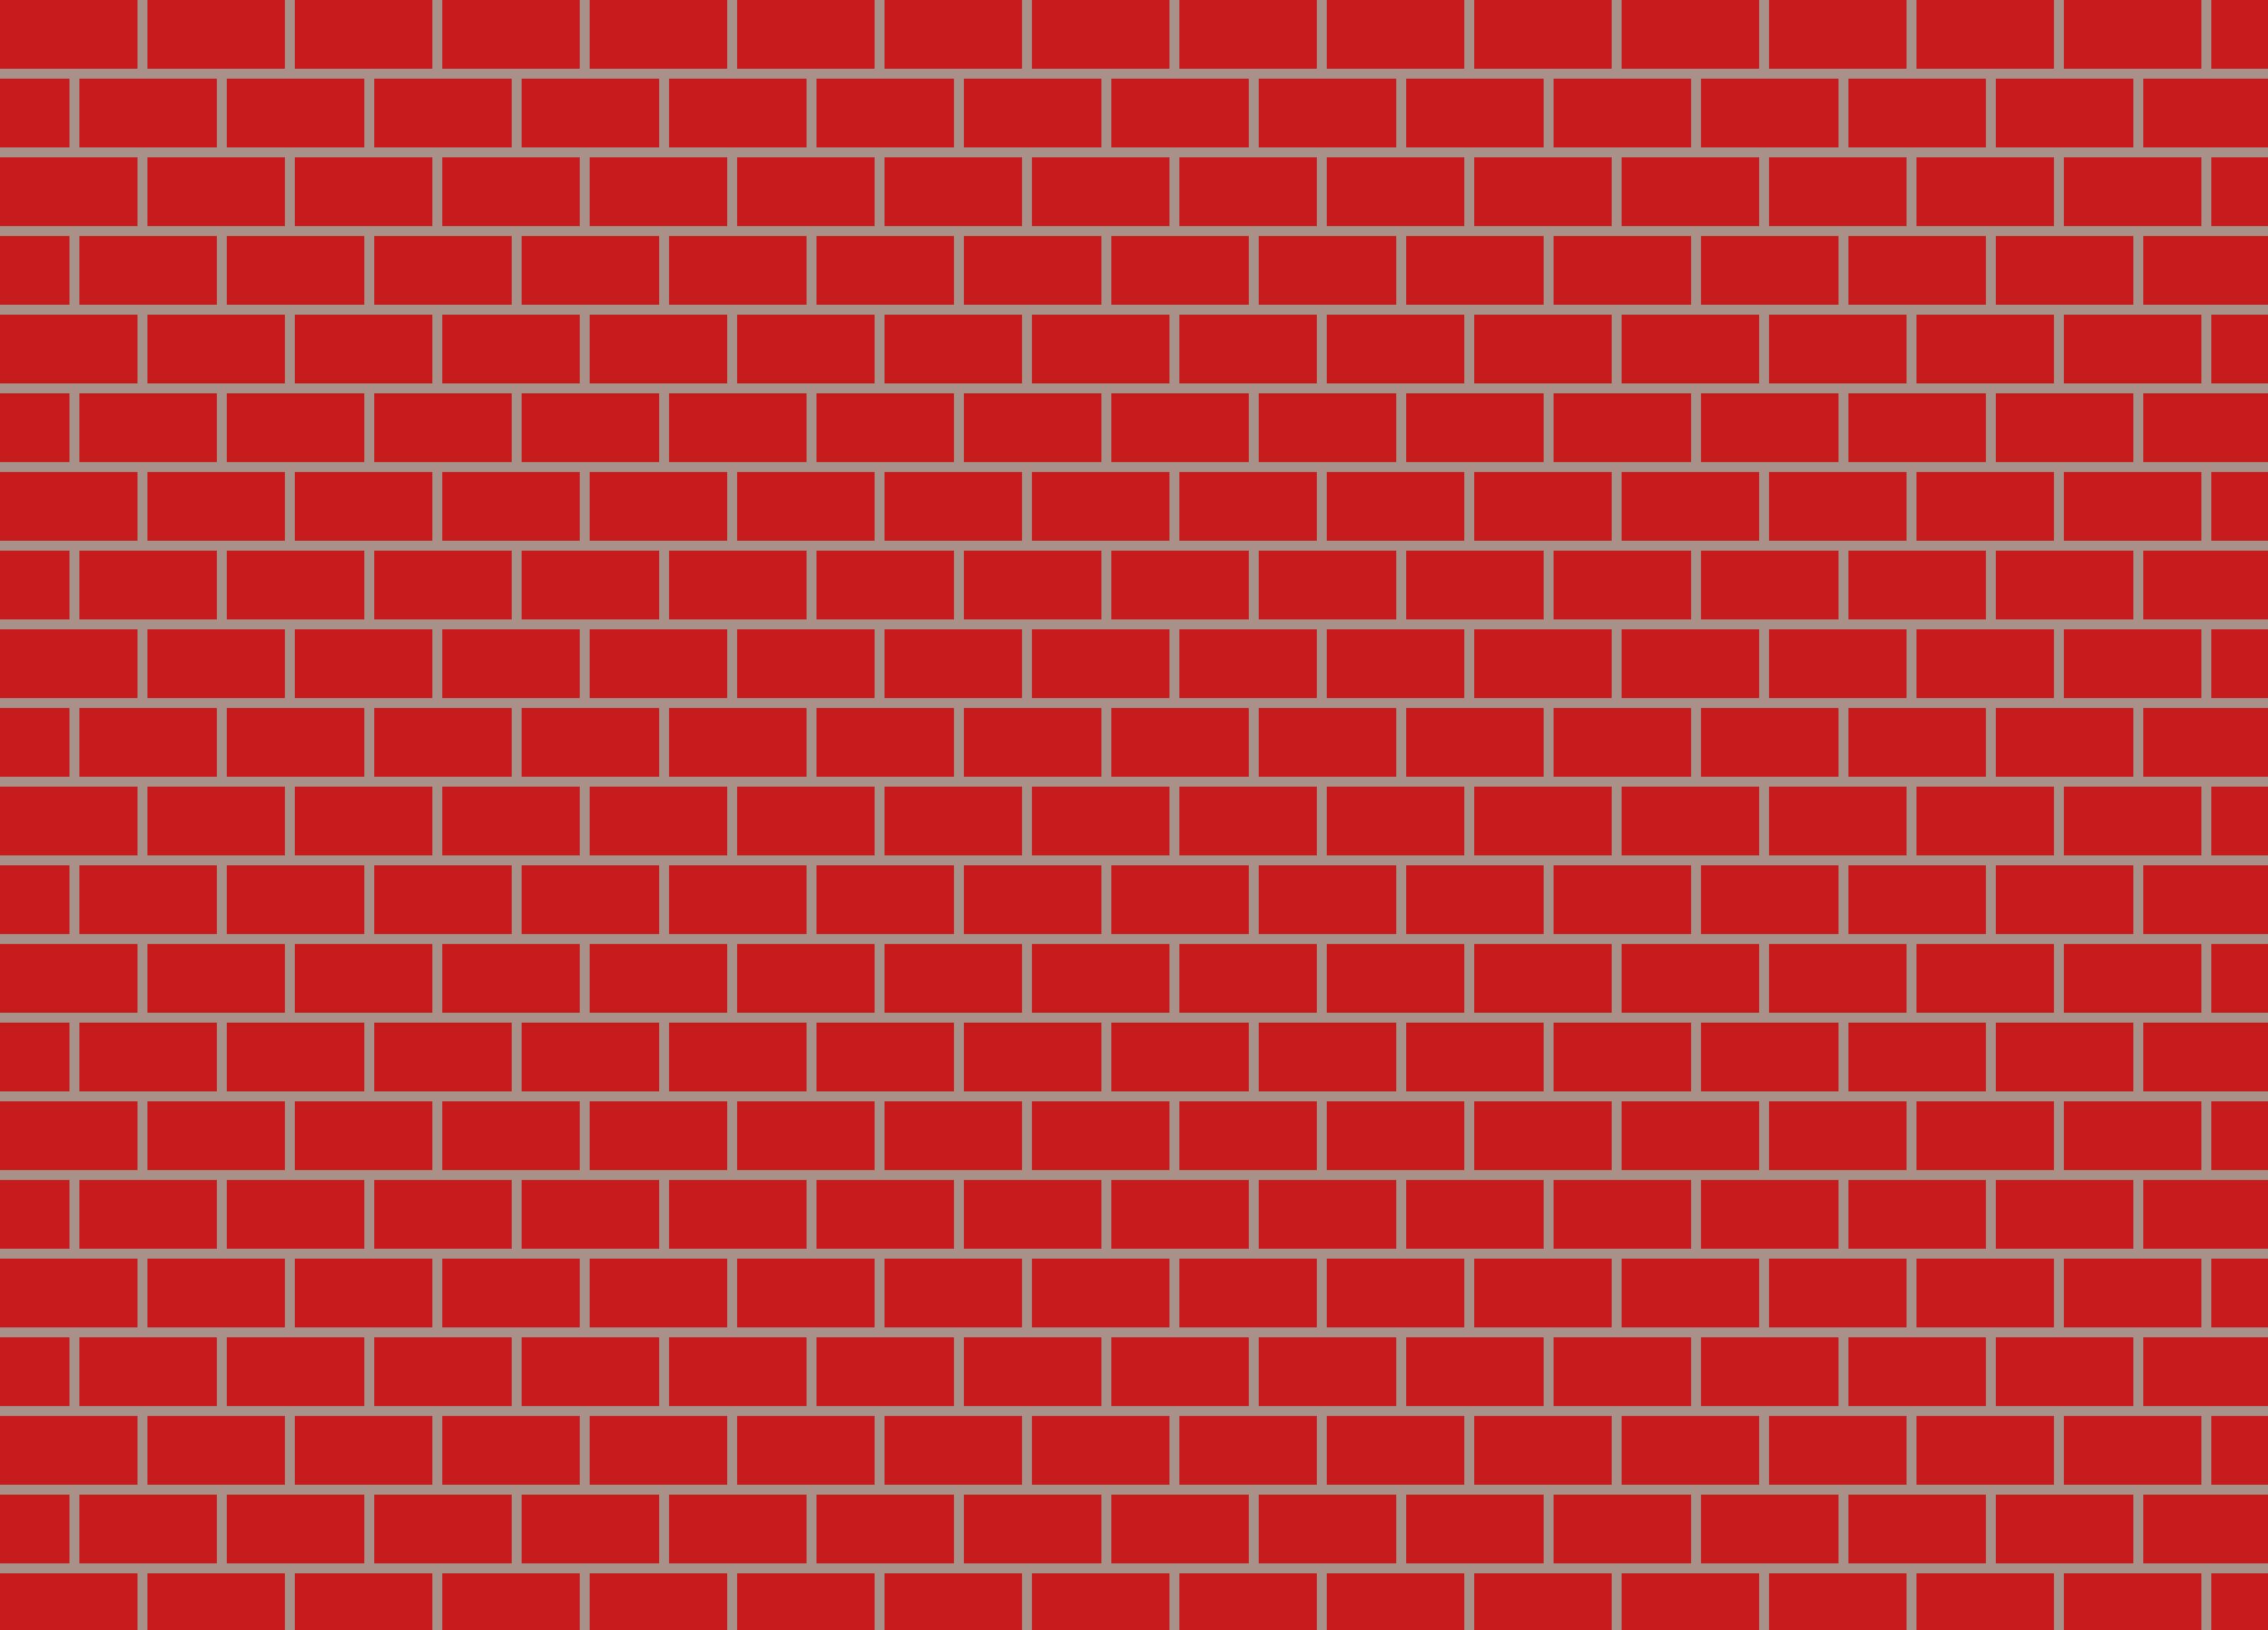 Brick Wall Free Images At Clker Com Vector Clip Art Online